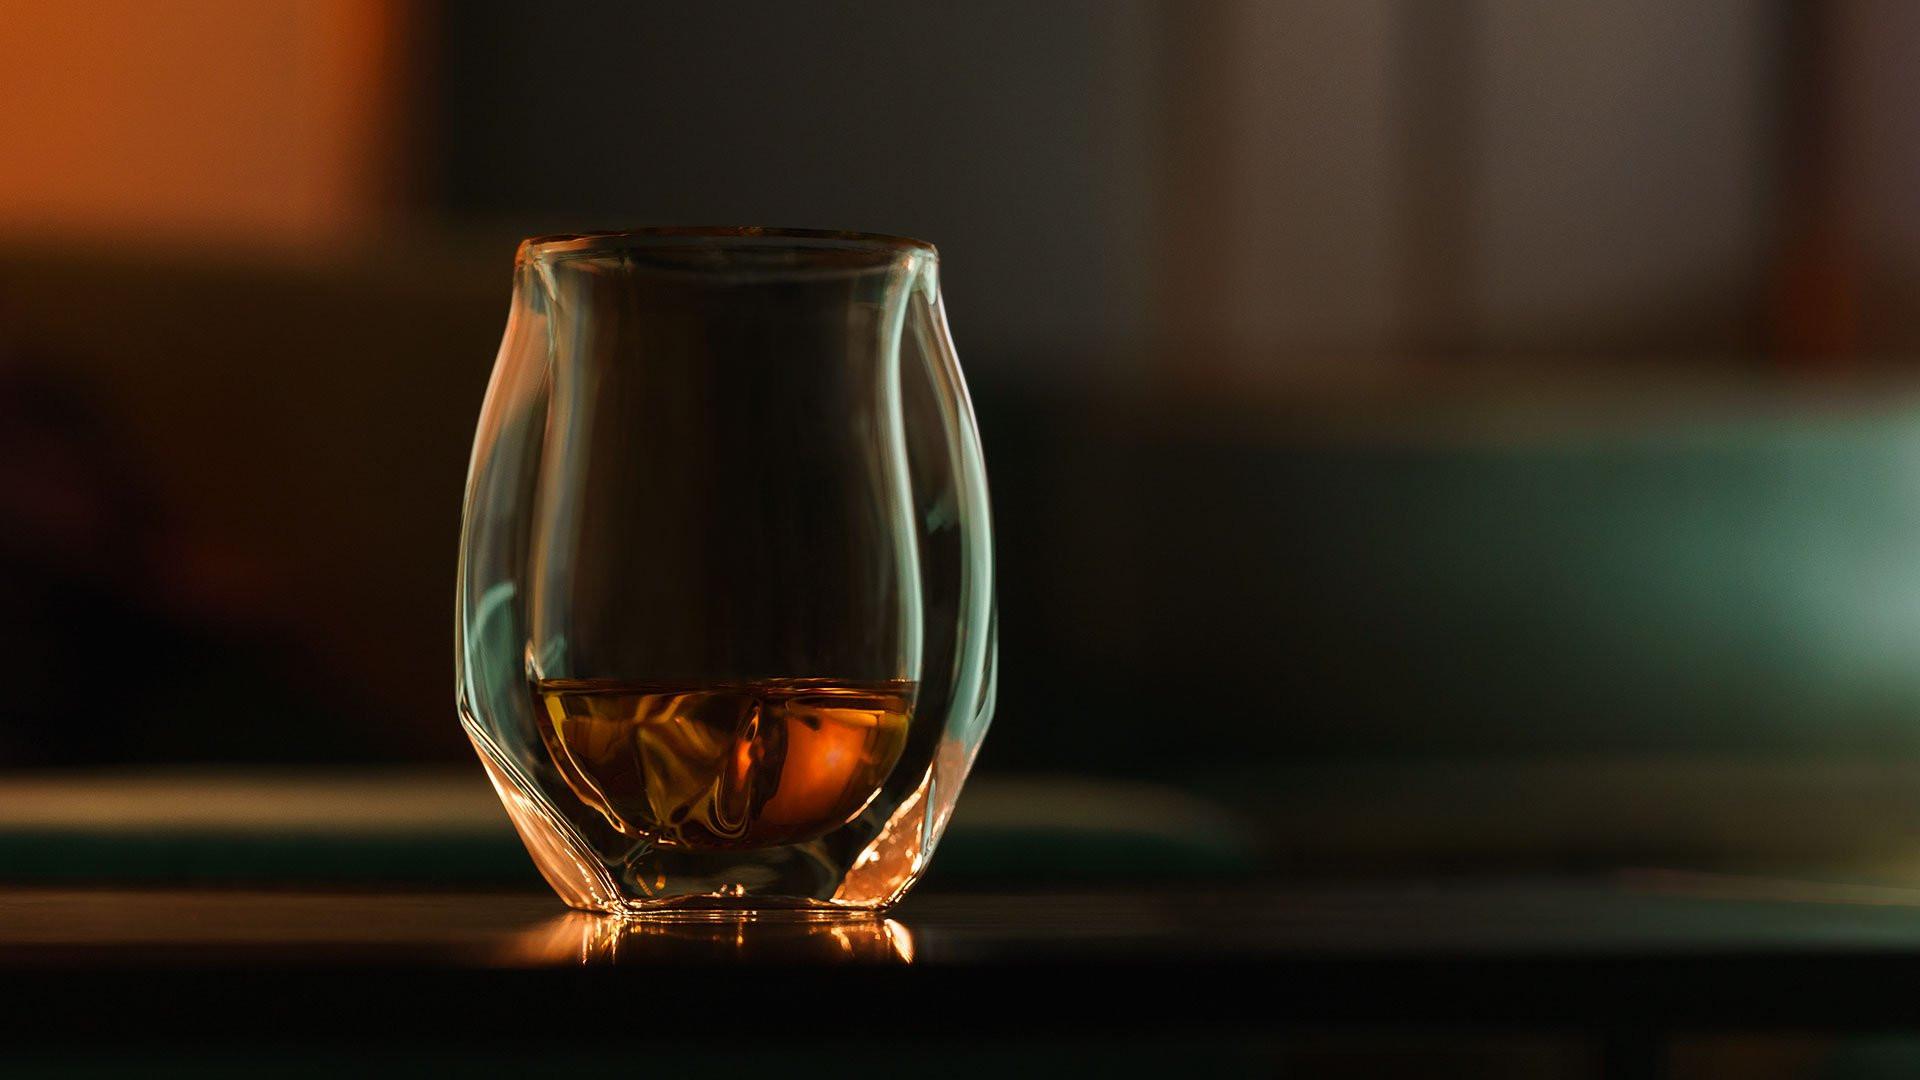 Бокал Тамблер с виски